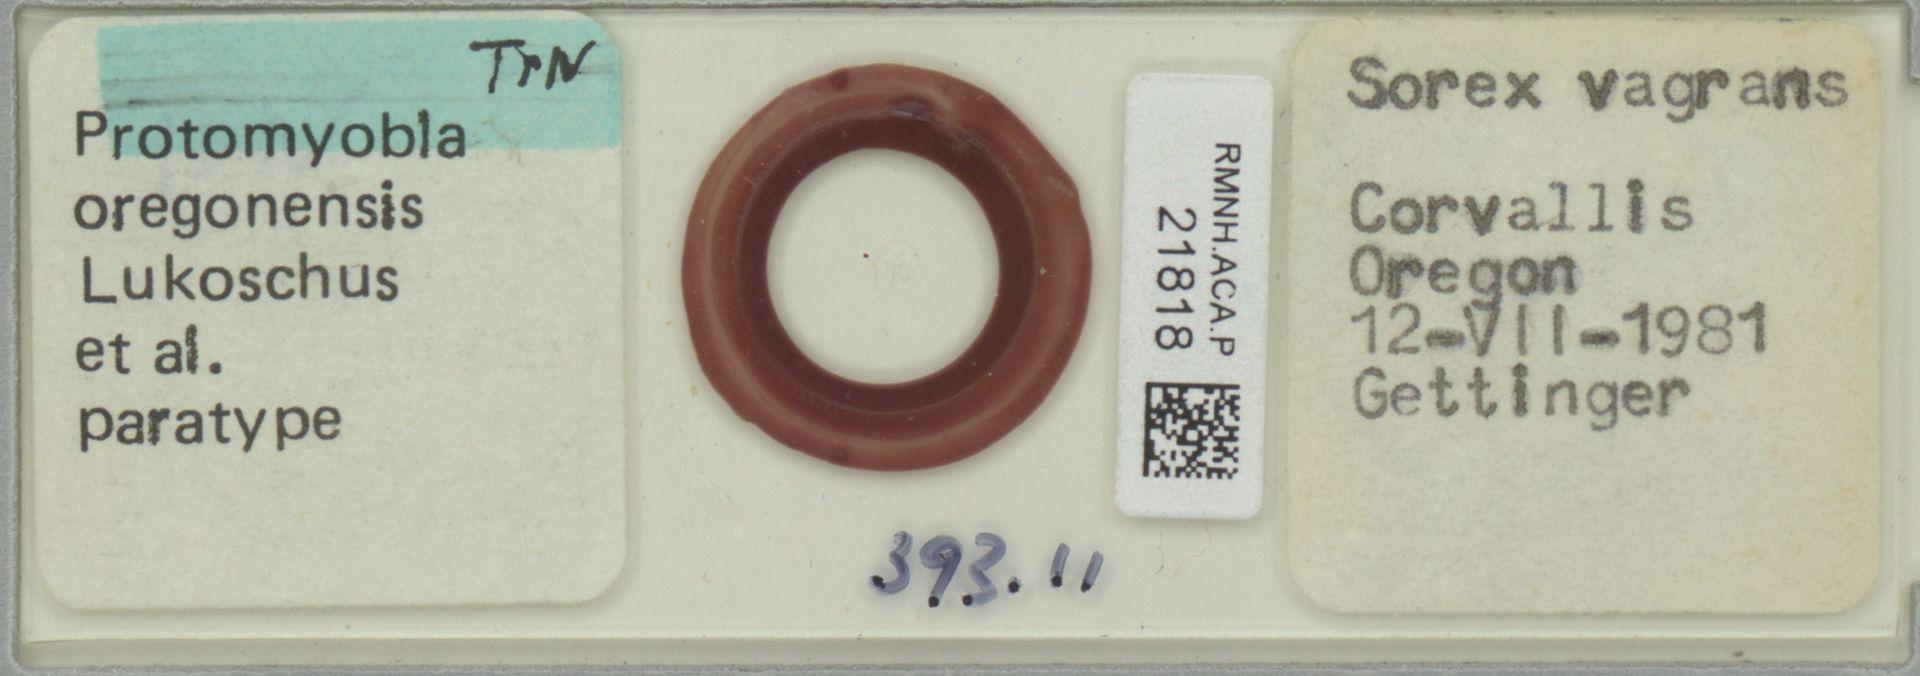 RMNH.ACA.P.21818 | Protomyobia oregonensis Lukoschus et al.